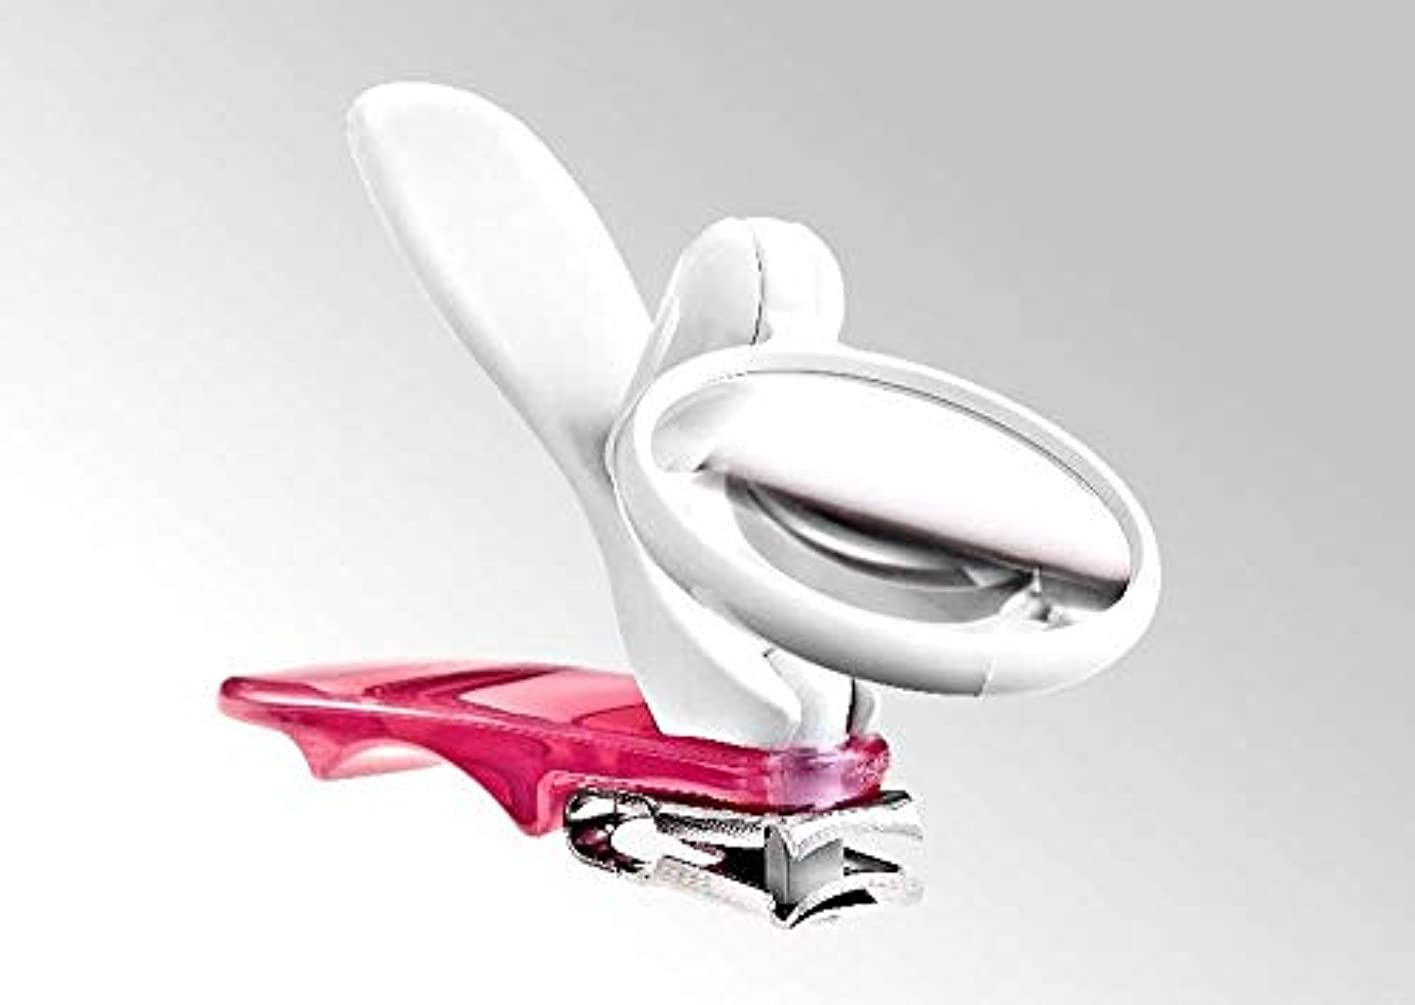 歩道医学関与するBocas 360度回転する足用爪切り?ルーペ付き (ピンク)